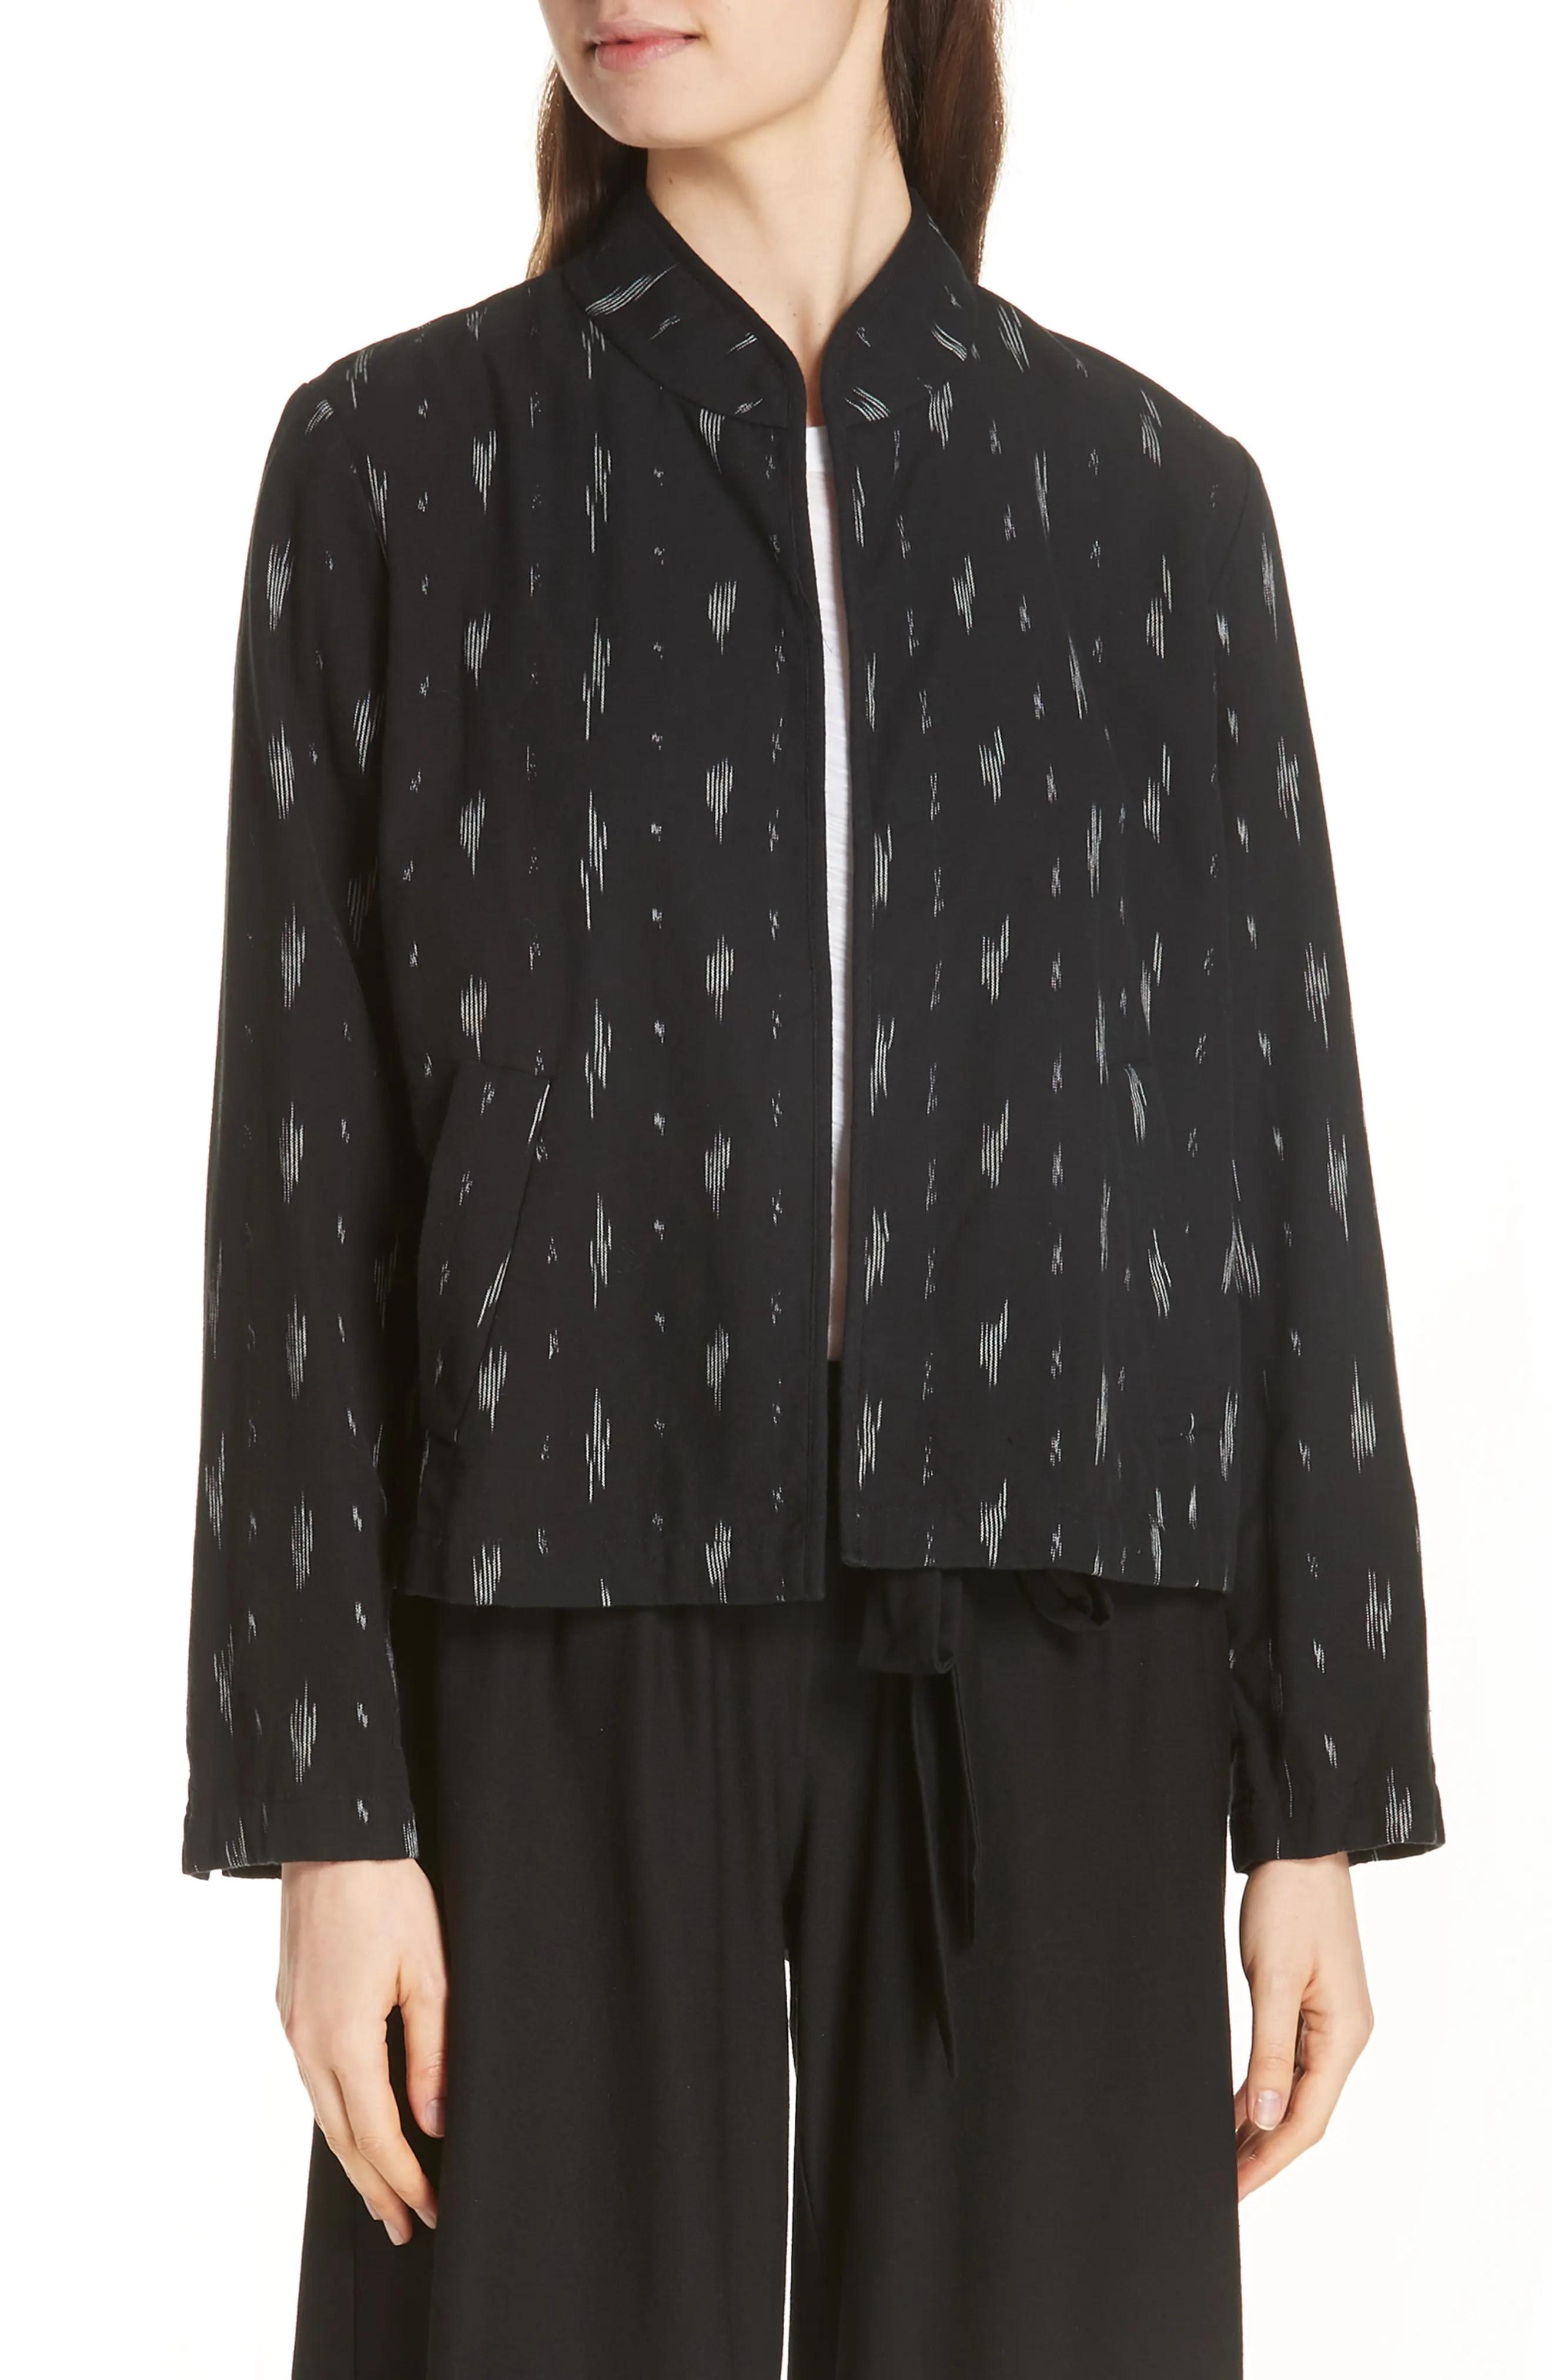 Eileen fisher organic cotton jacket also sale nordstrom rh shoprdstrom